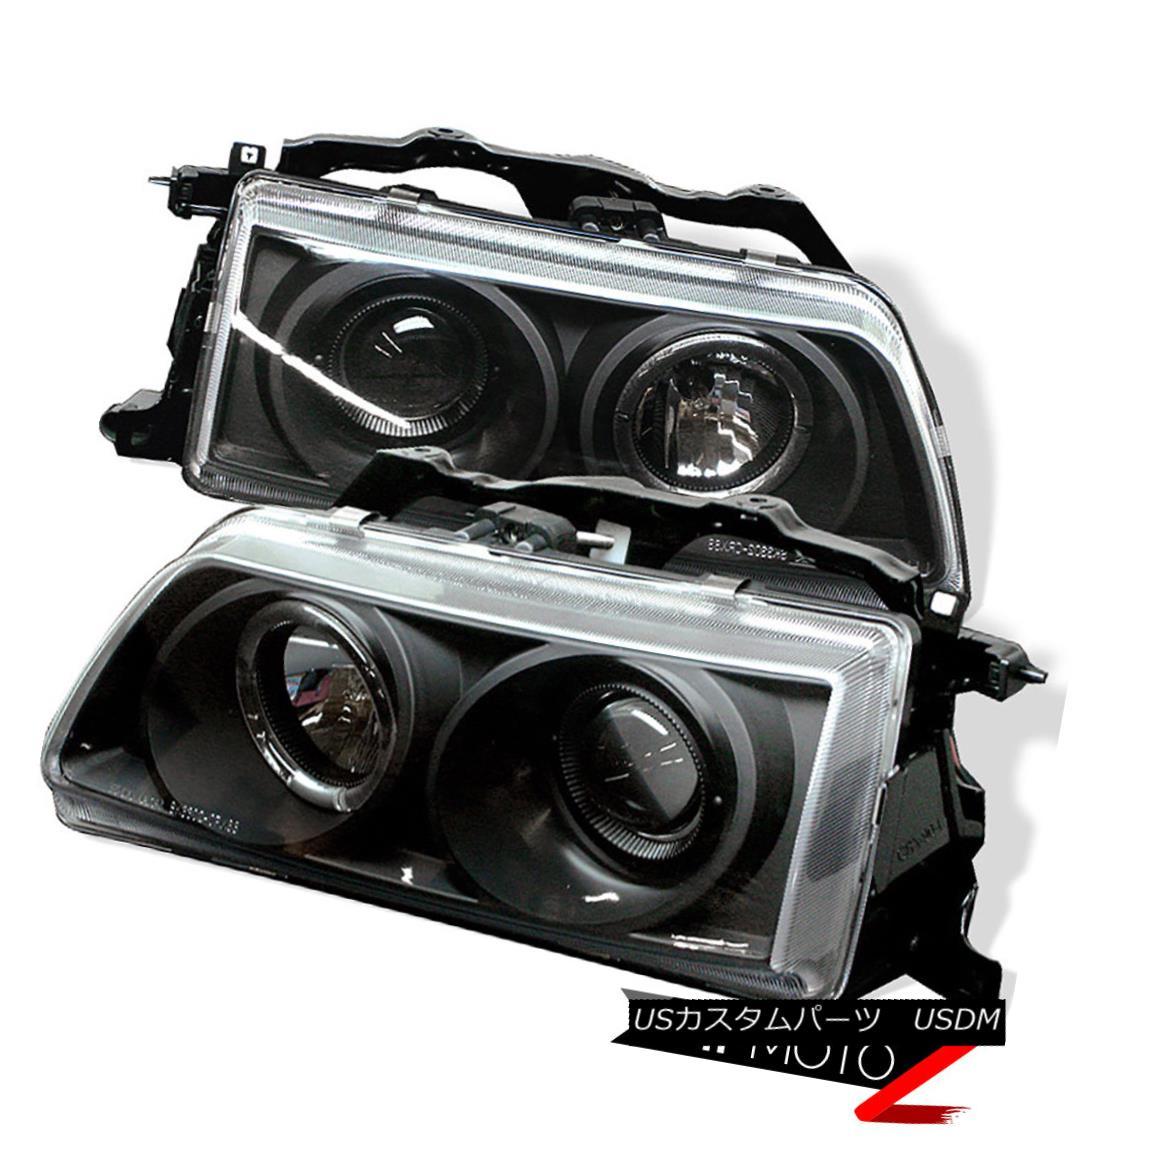 ヘッドライト 90-91 Honda Civic 2/3/4DR HB JDM Black Halo Projector Headlight Left+Right Lamps 90-91ホンダシビック2/3 / 4DR HB JDMブラックハロープロジェクターヘッドライト左右+ランプ